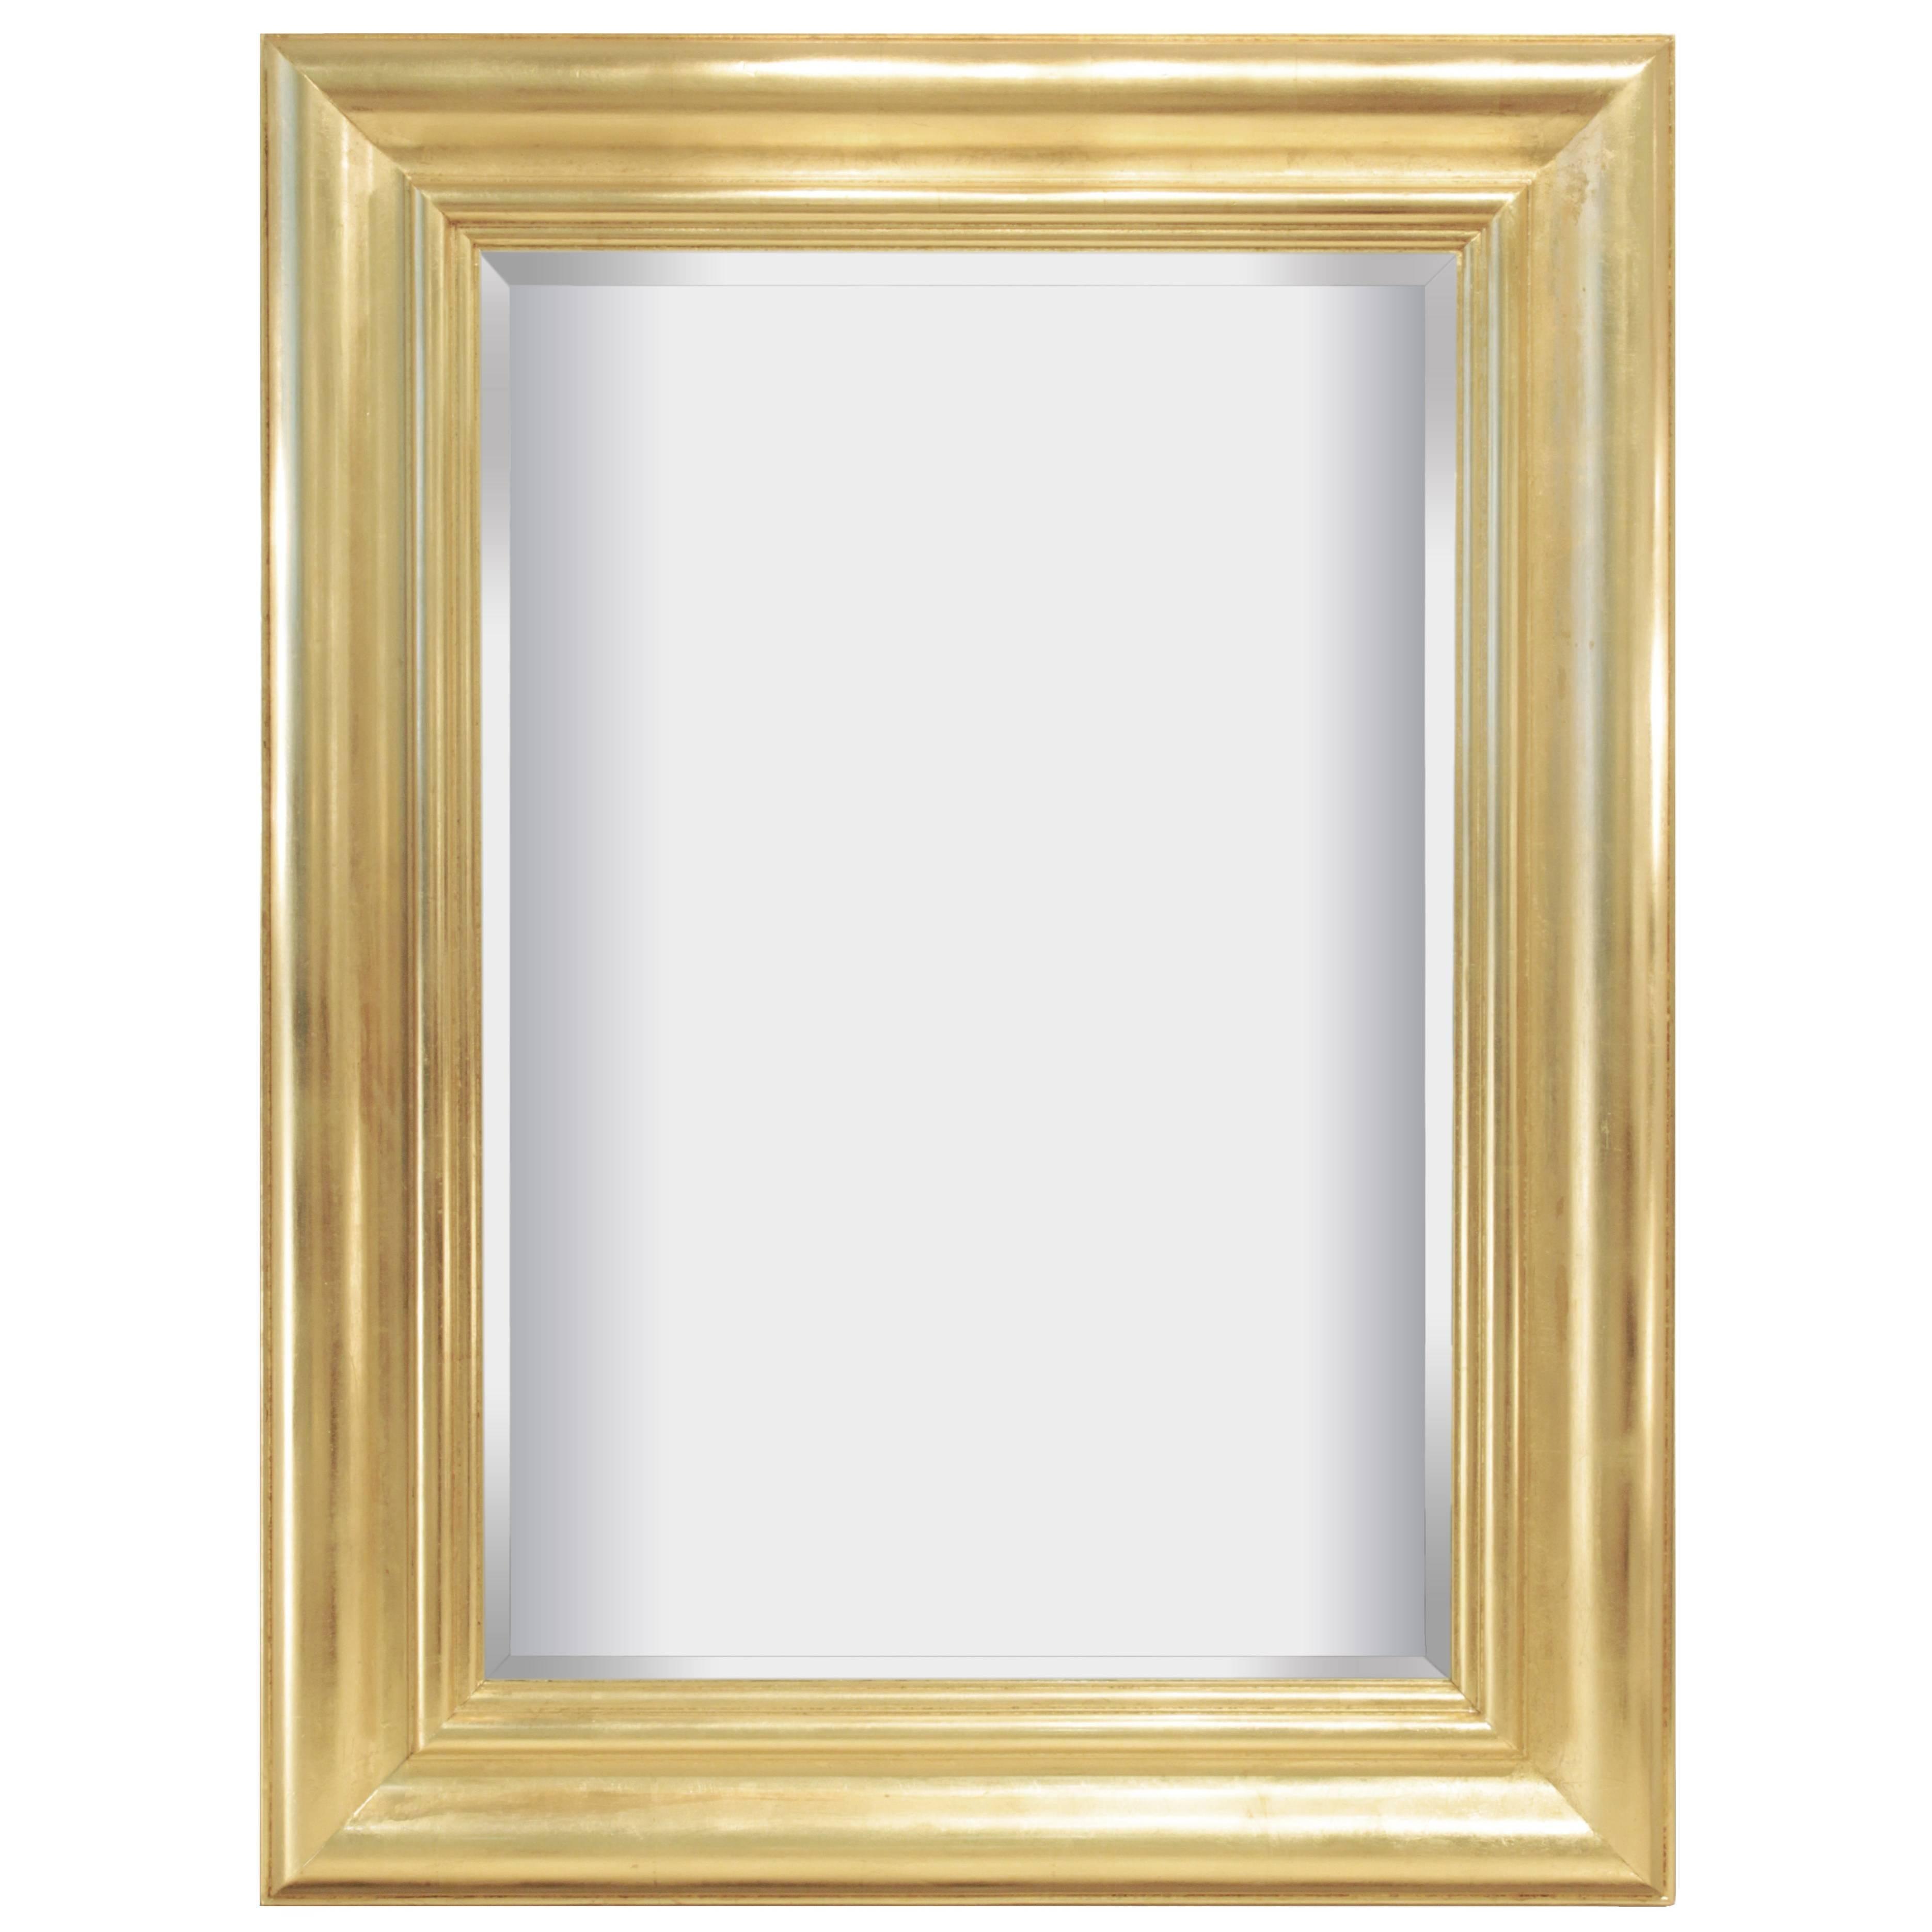 Karl Springer Large Gold Leaf Mirror 1980s